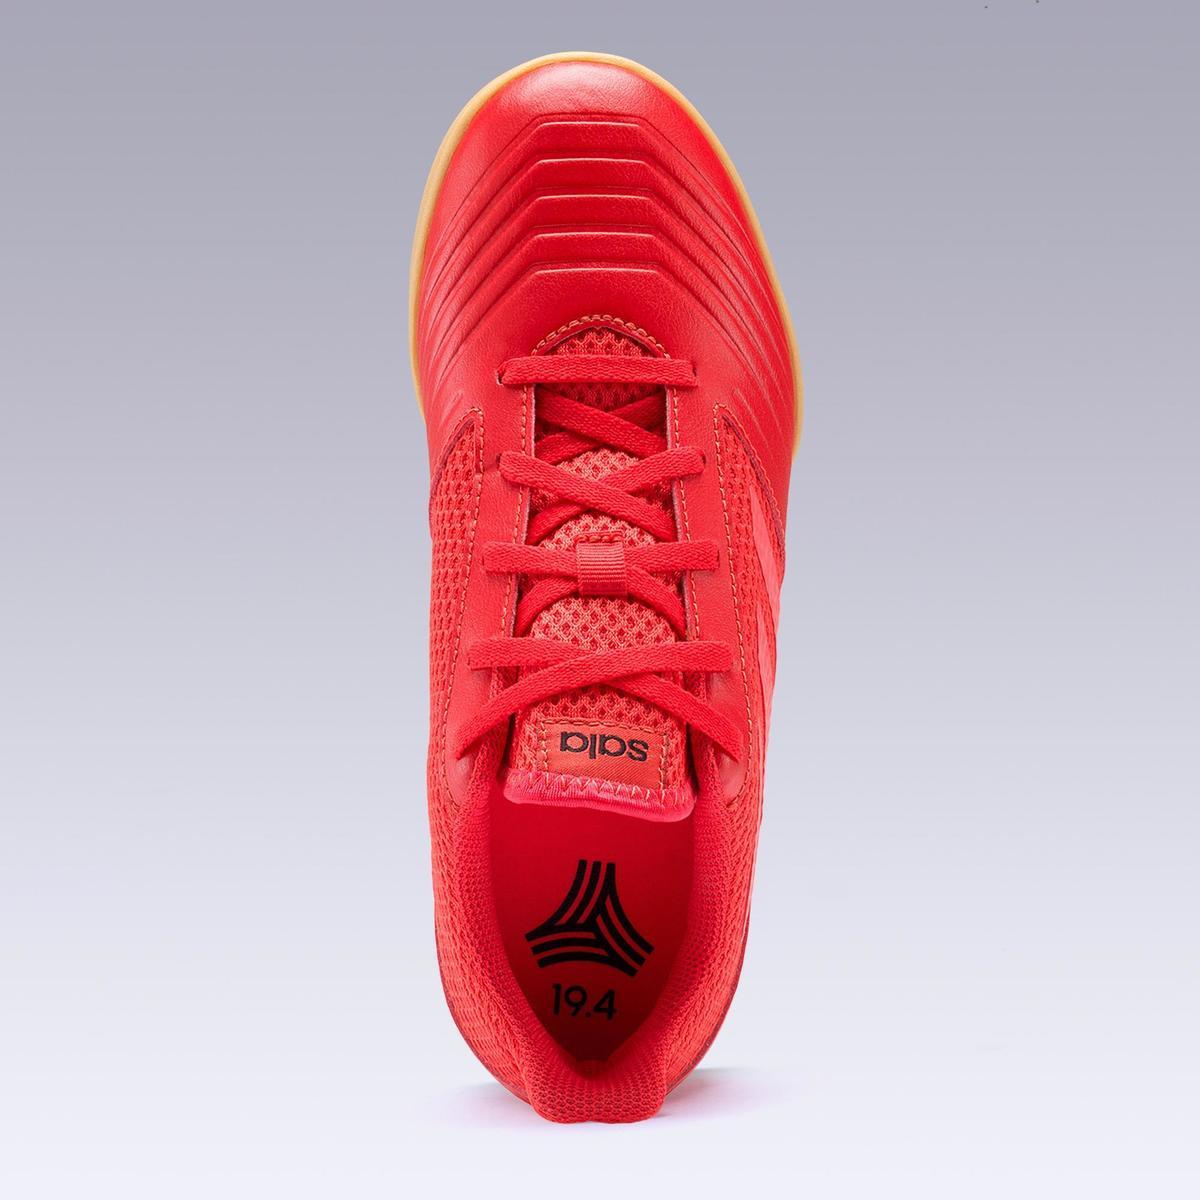 Bild 4 von Hallenschuhe Futsal Fußball Predator Tango 4 FS19 Kinder rot